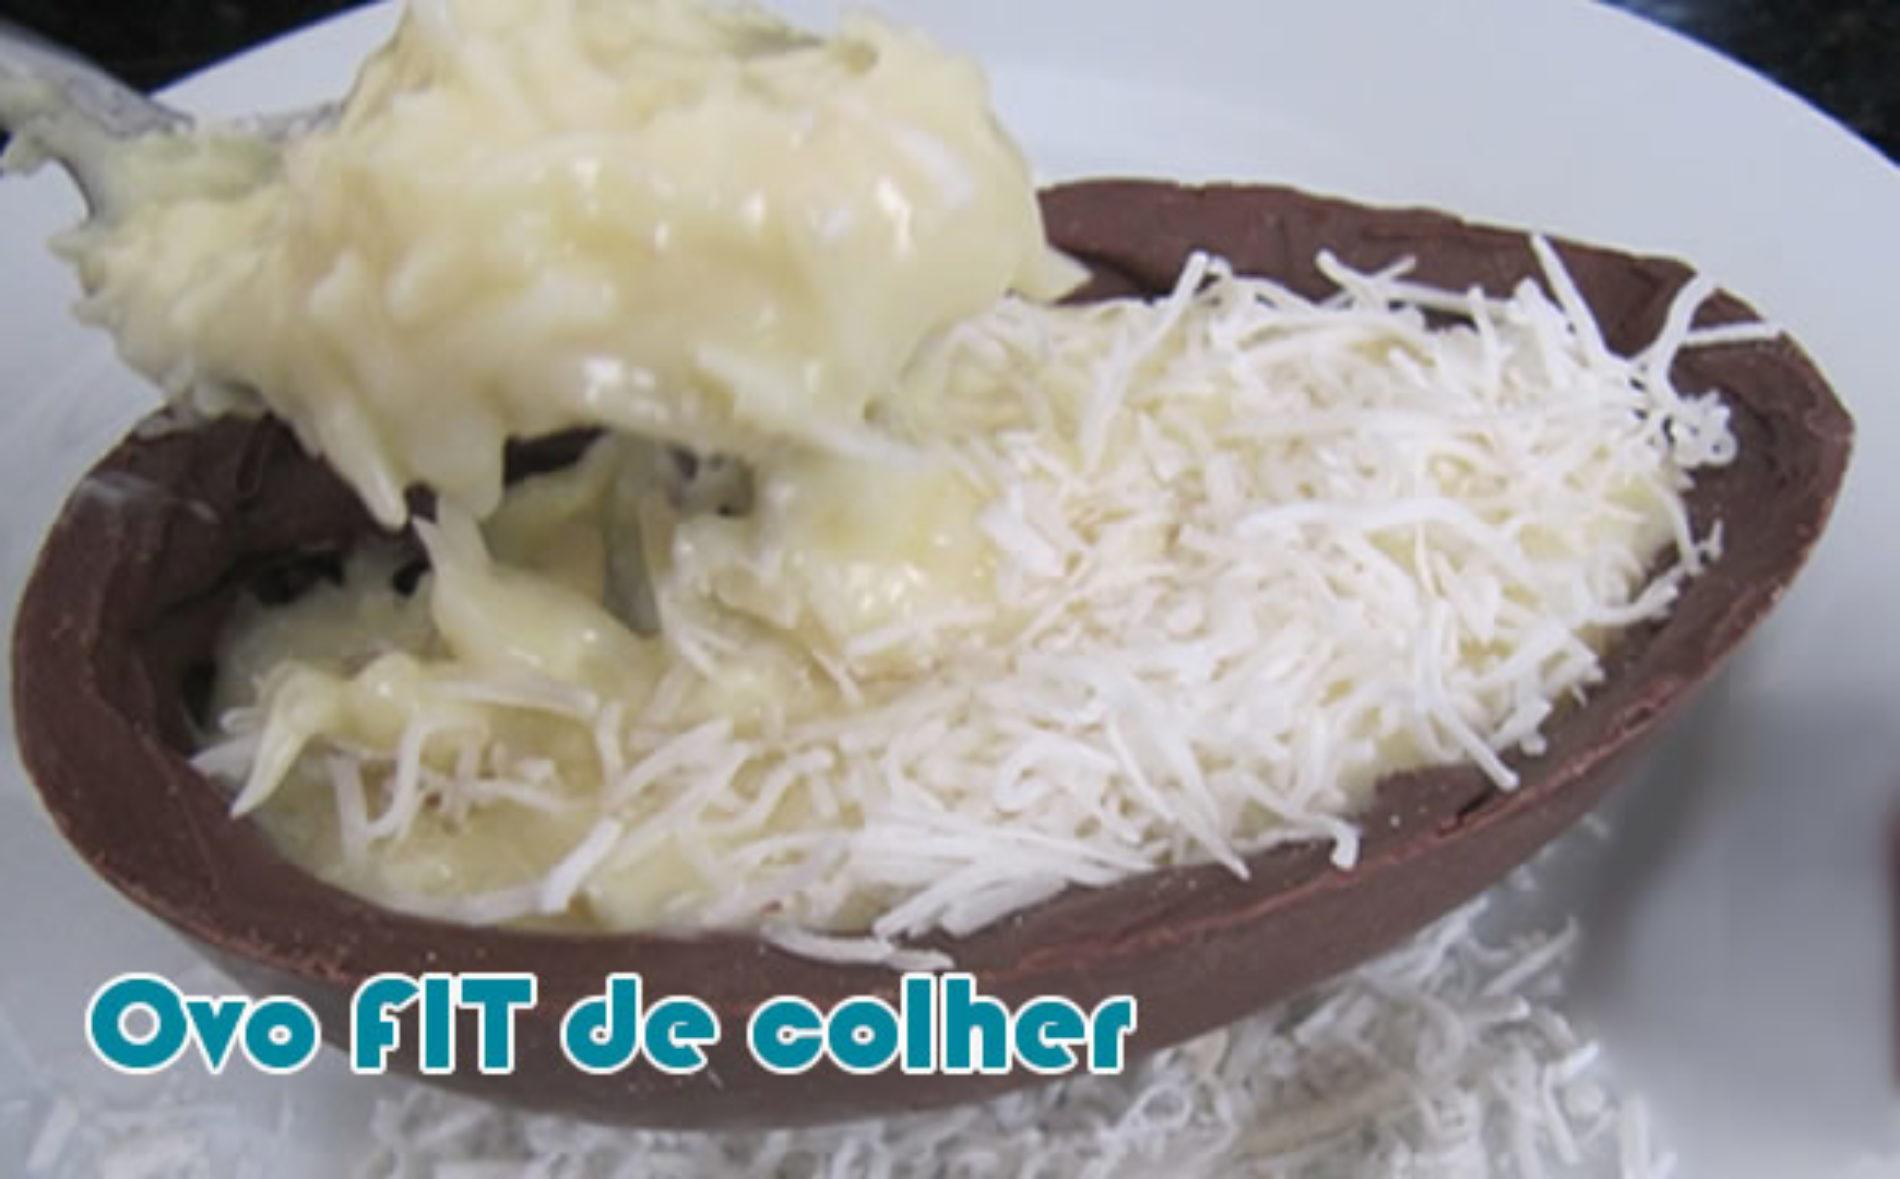 Ovo De Colher De Chocolate Páscoa Fit Para Dieta Páleo Receitas